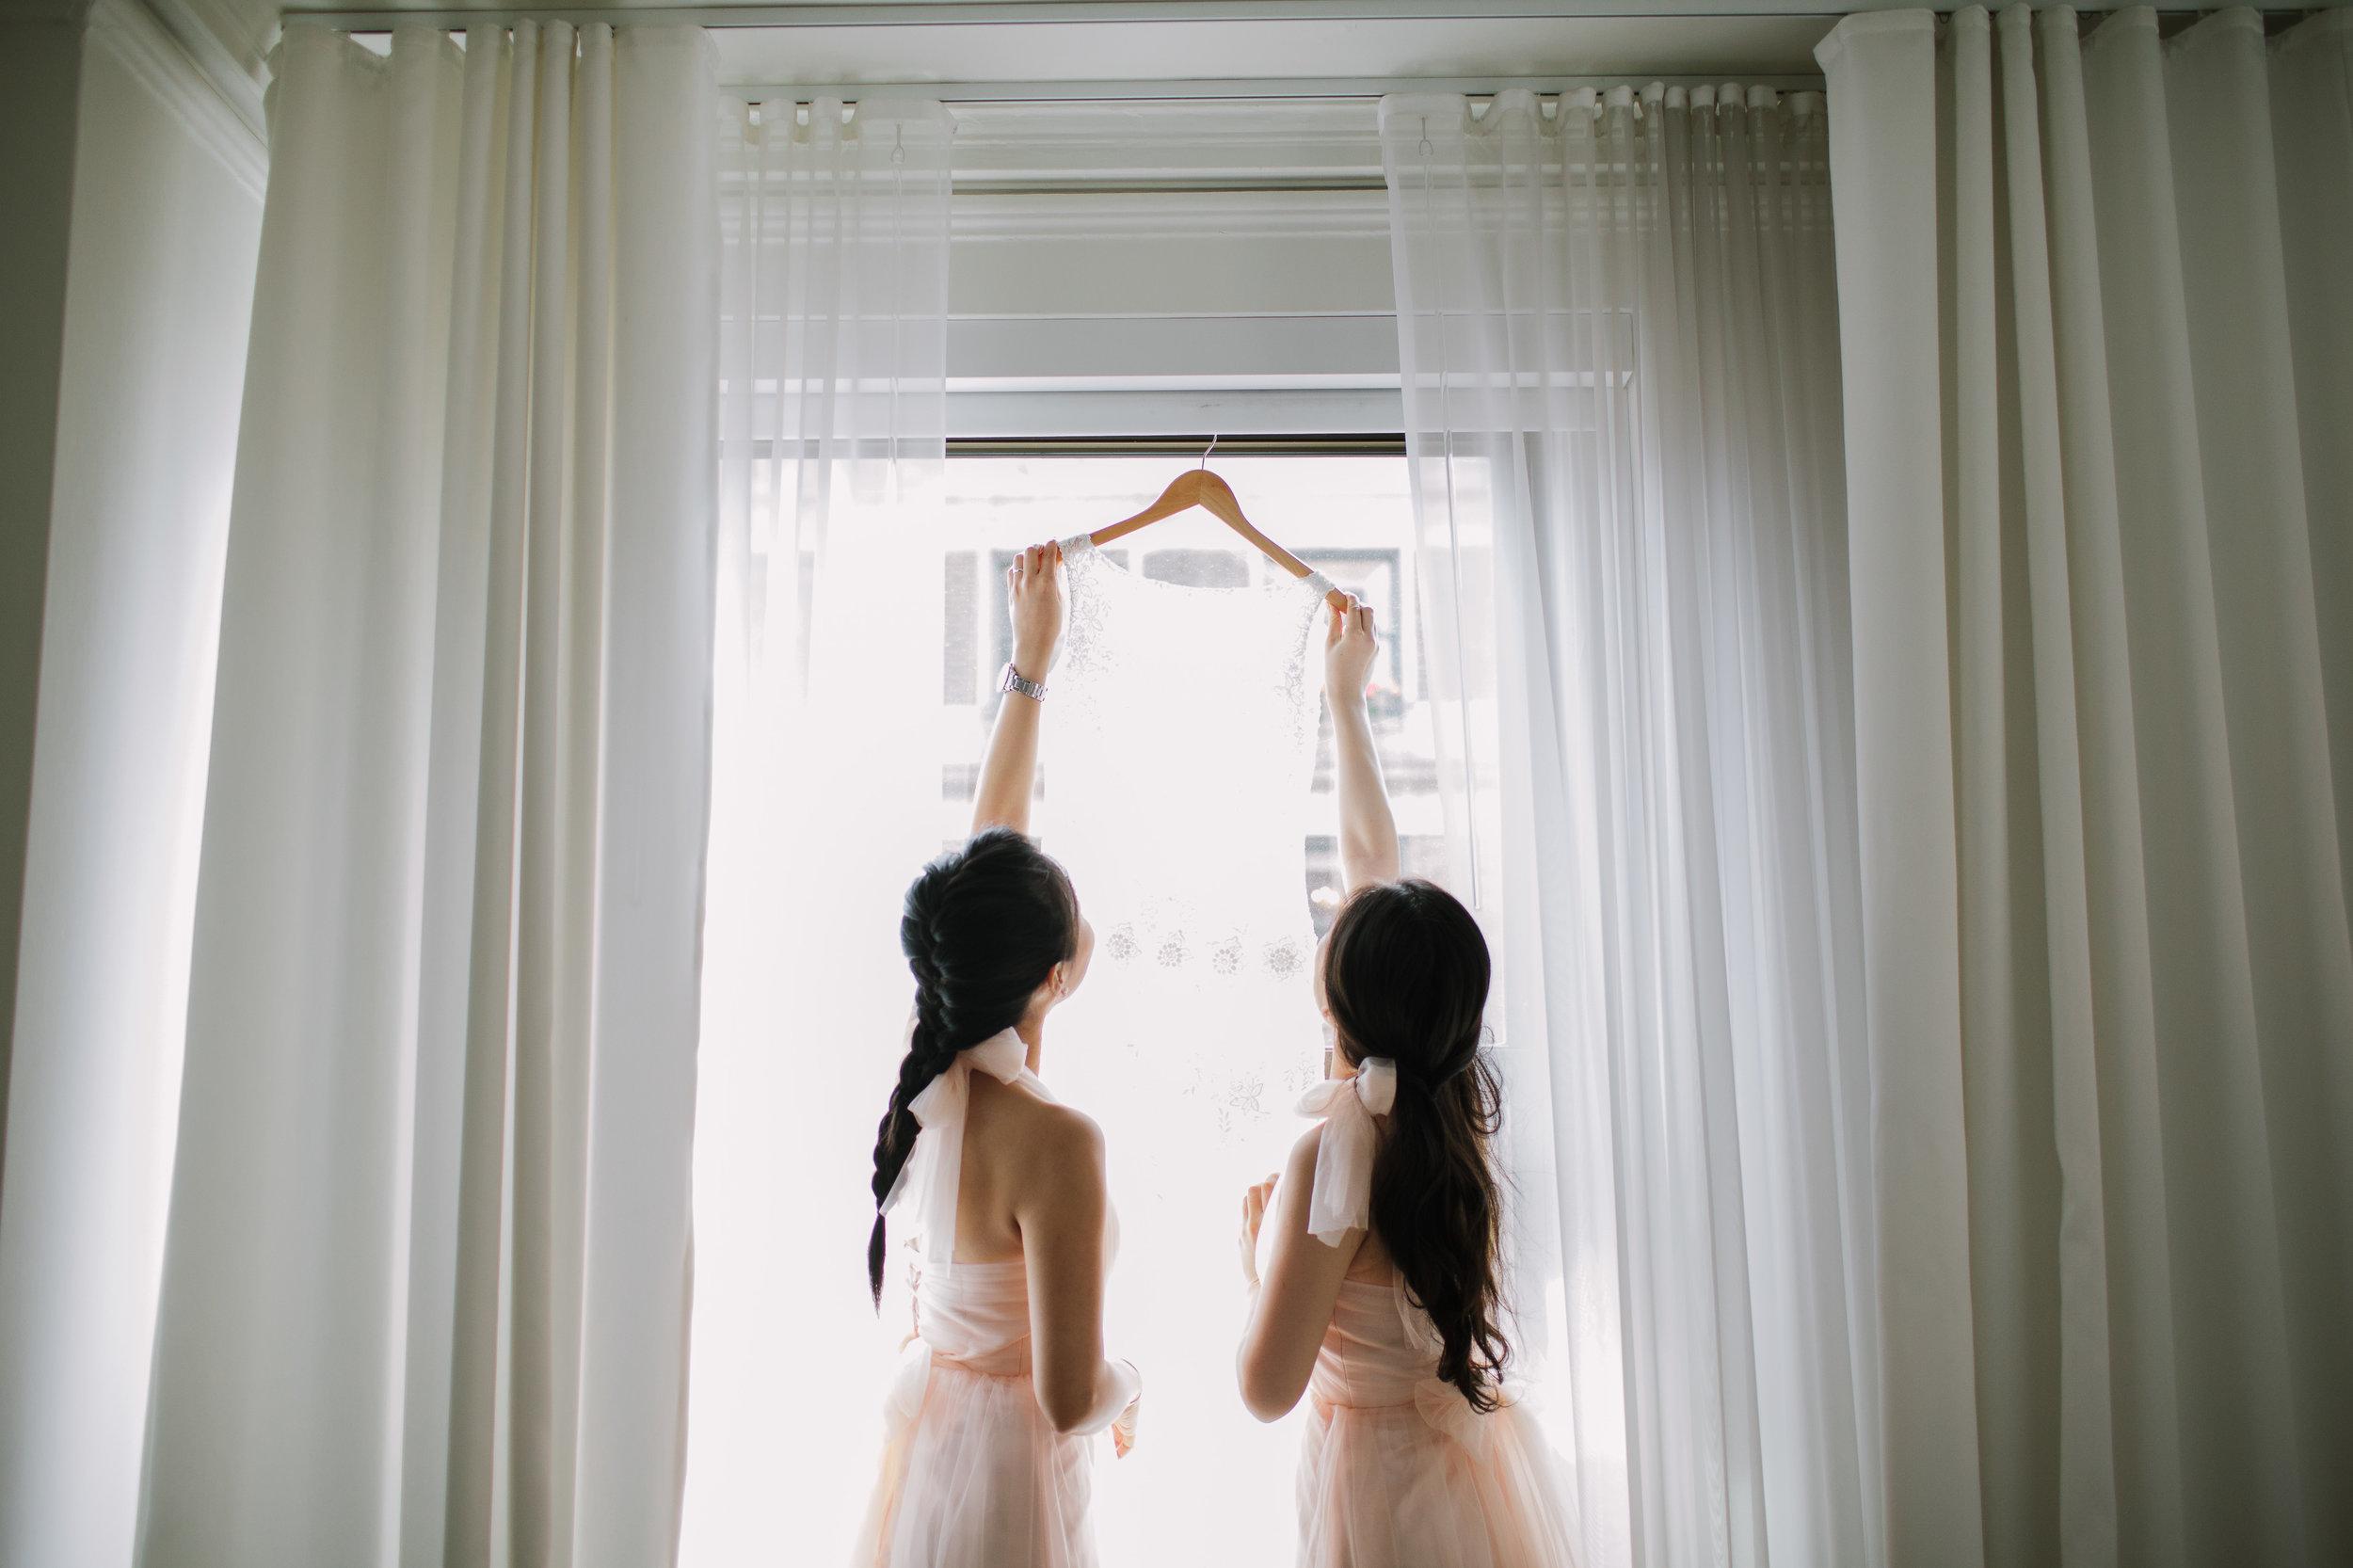 Nicodem Creative-Wang Wedding-Public Hotel Chicago-4.jpg